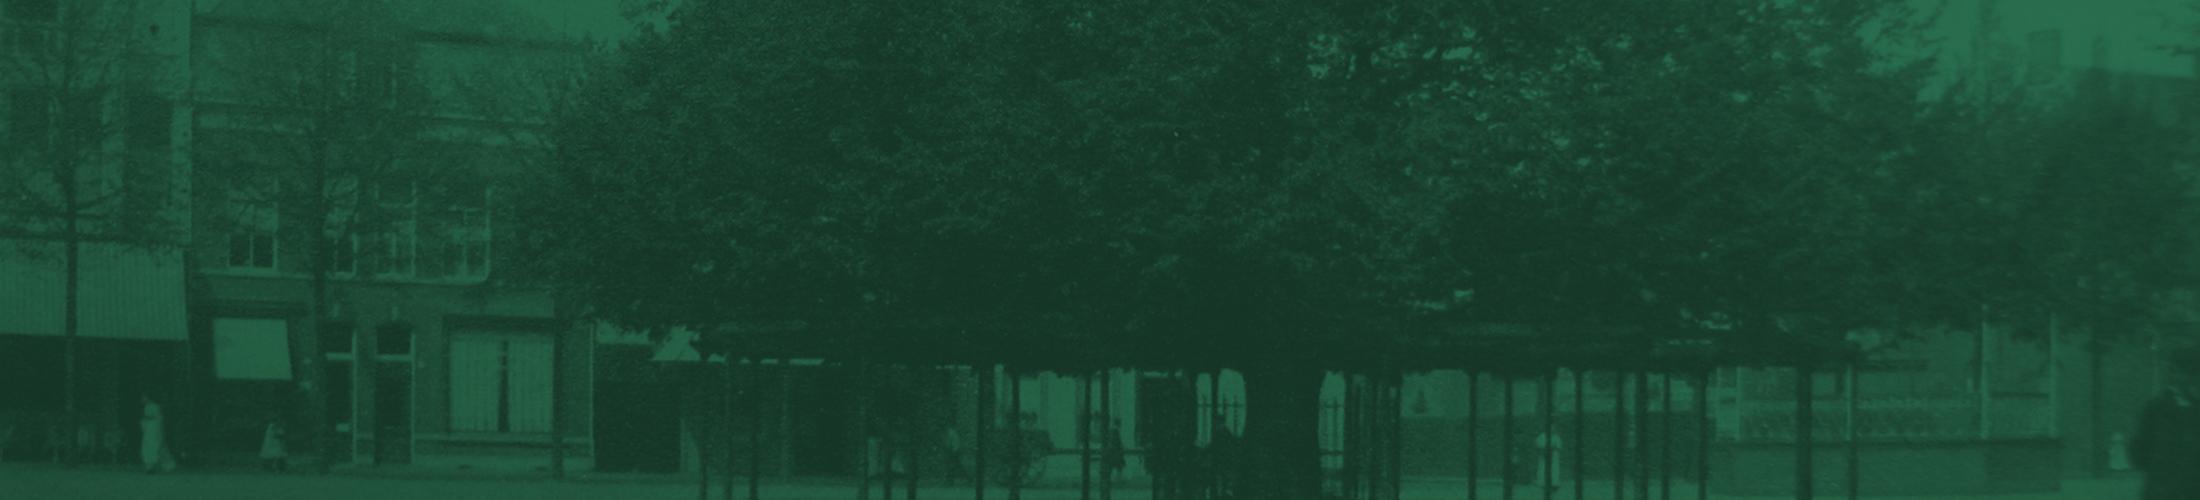 Lindeboom boom groen header 2019 alt